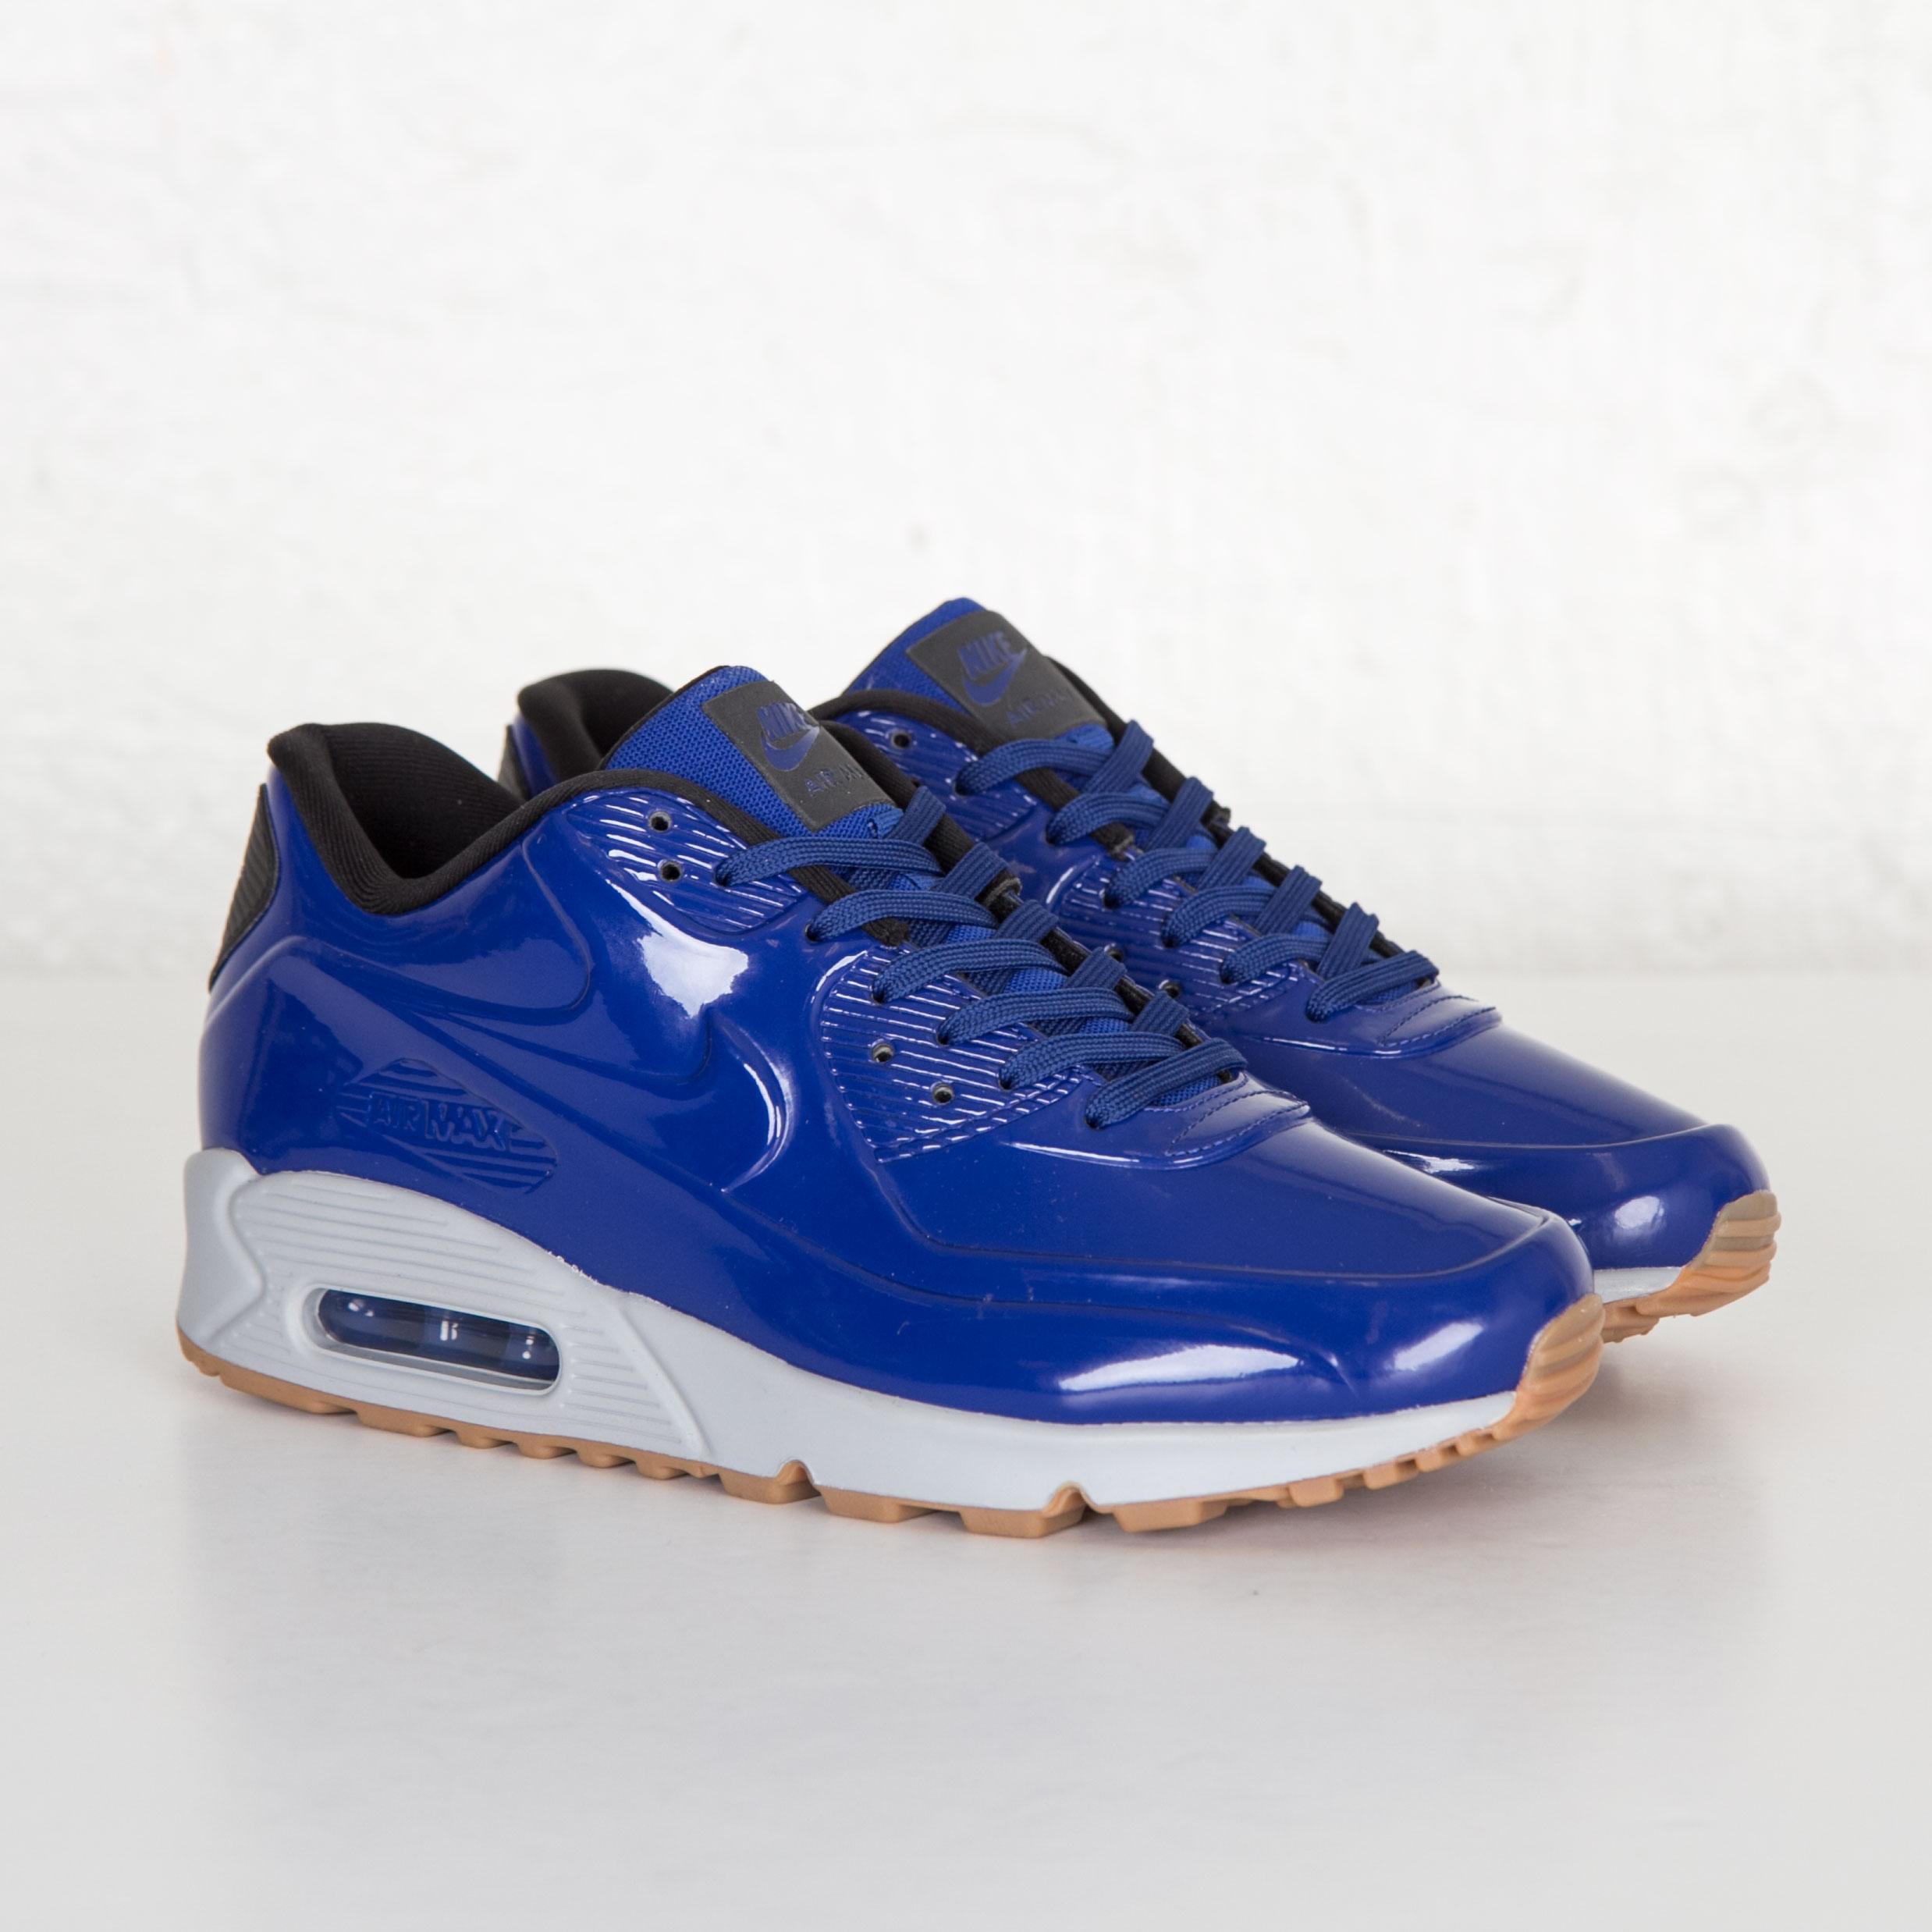 size 40 17f06 44ed5 Nike Air Max 90 VT QS